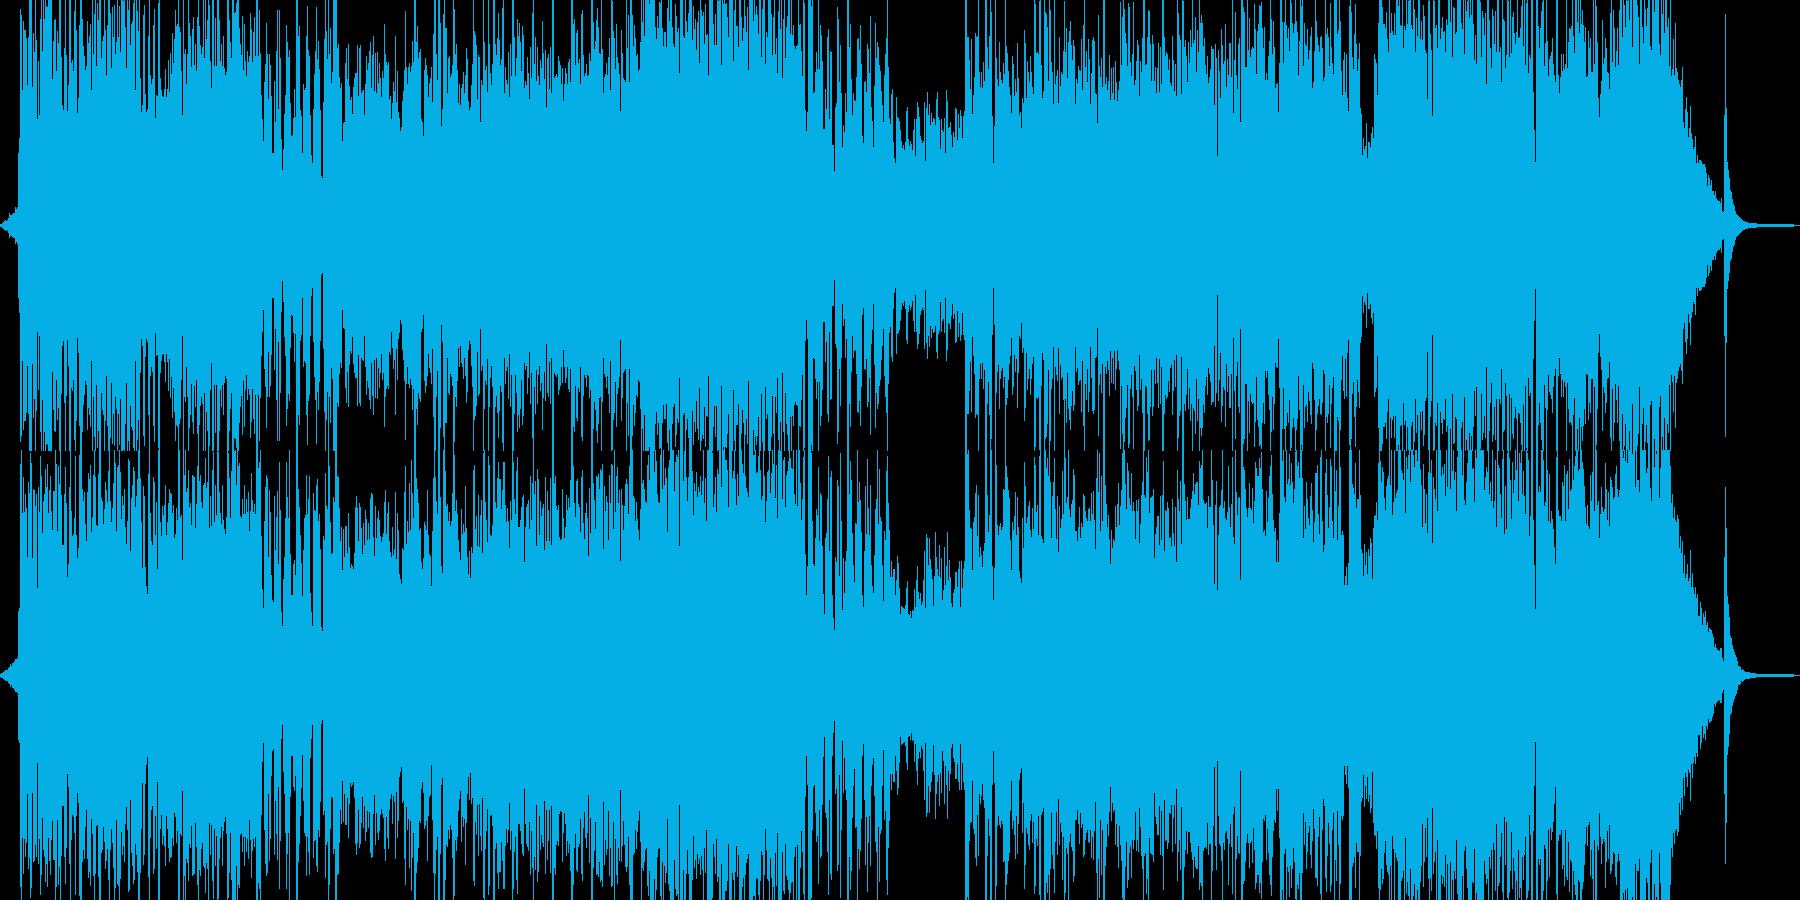 バイタリティー溢れる笑顔のオーケストラの再生済みの波形